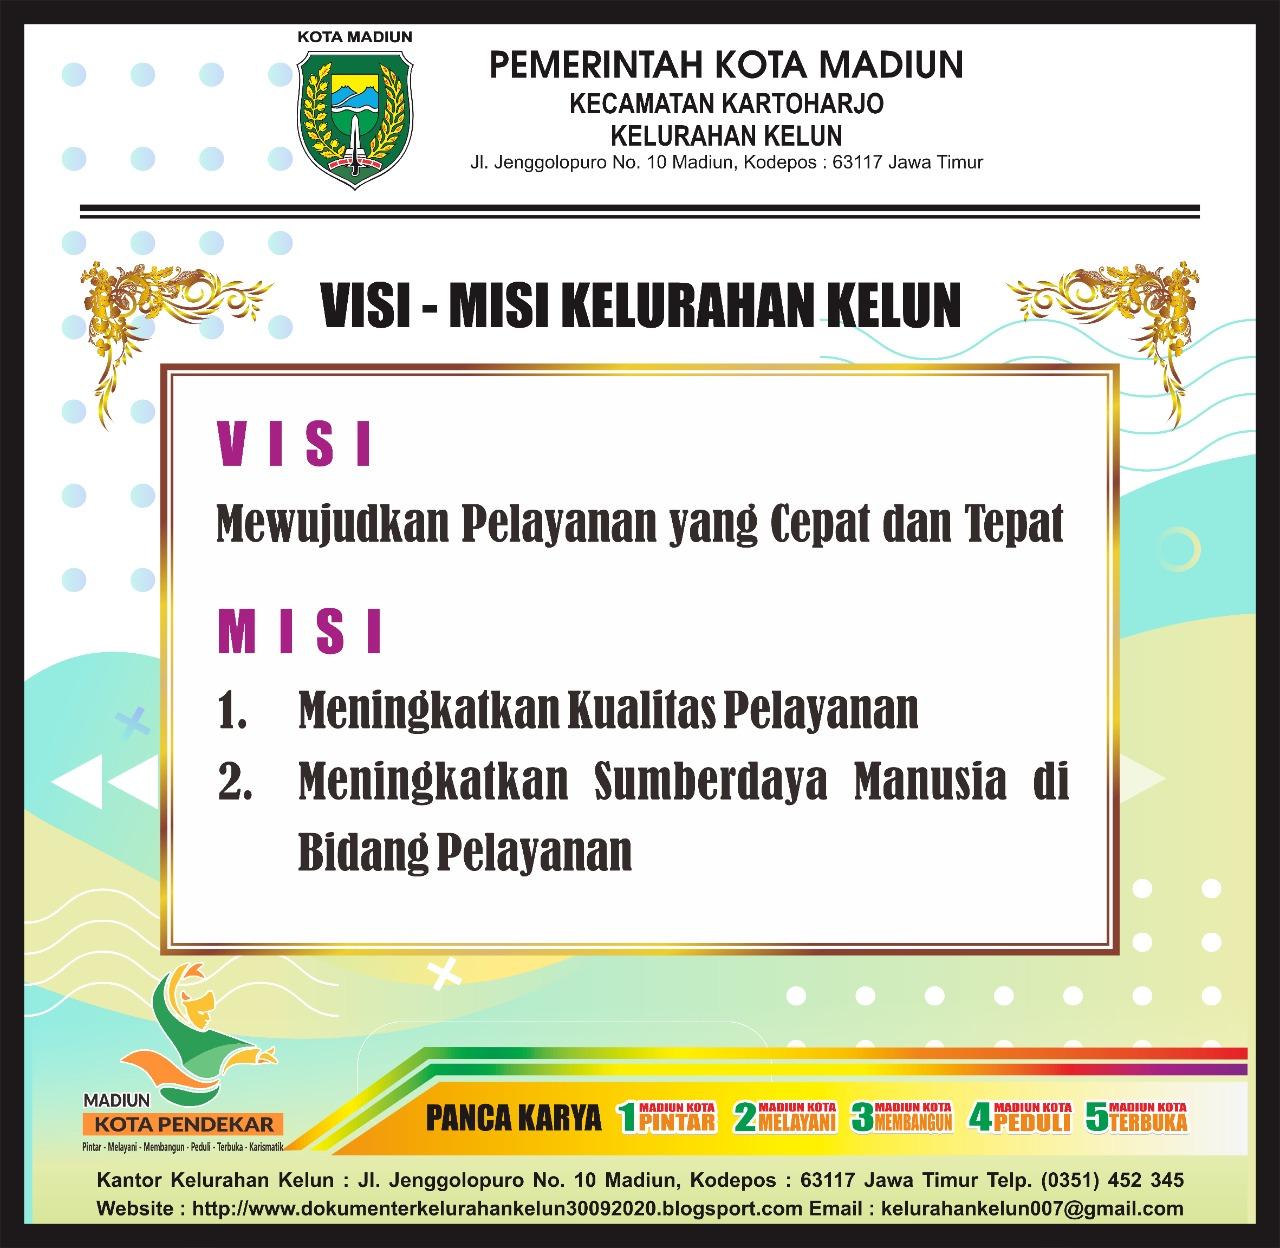 VISI & MISI PEMERINTAH KOTA MADIUN DI KELURAHAN KELUN KECAMATAN KARTOHARJO 2019 -2024